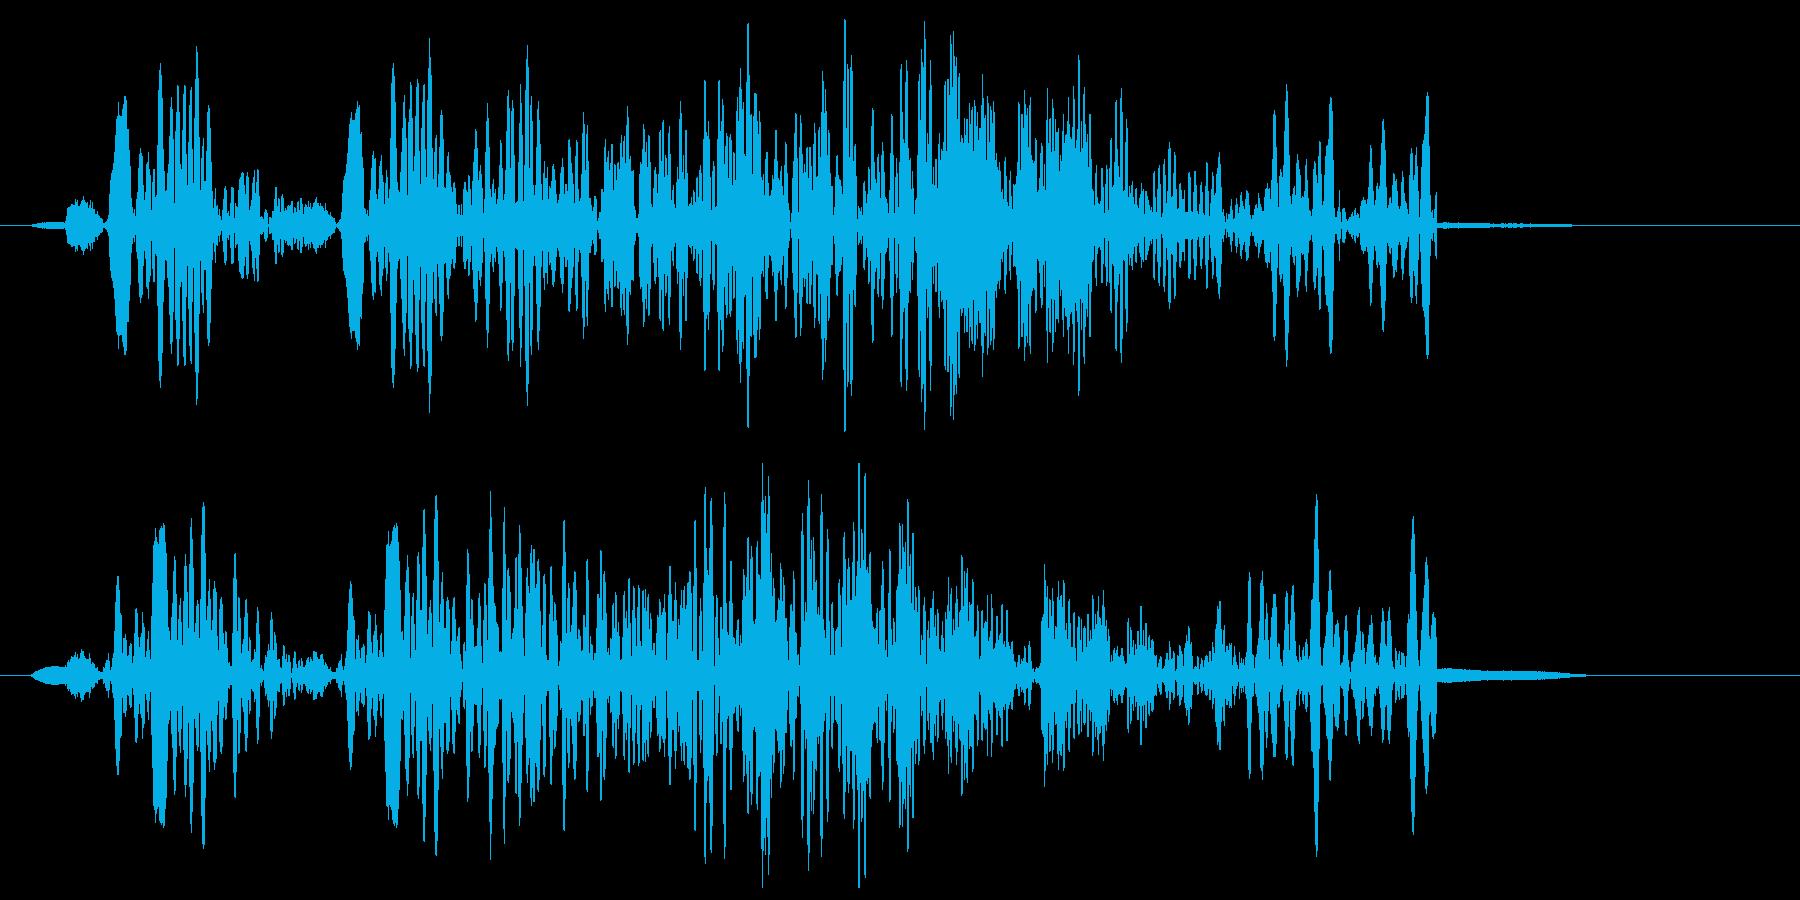 ボボォ〜エ(ゴーンなどの音)の再生済みの波形